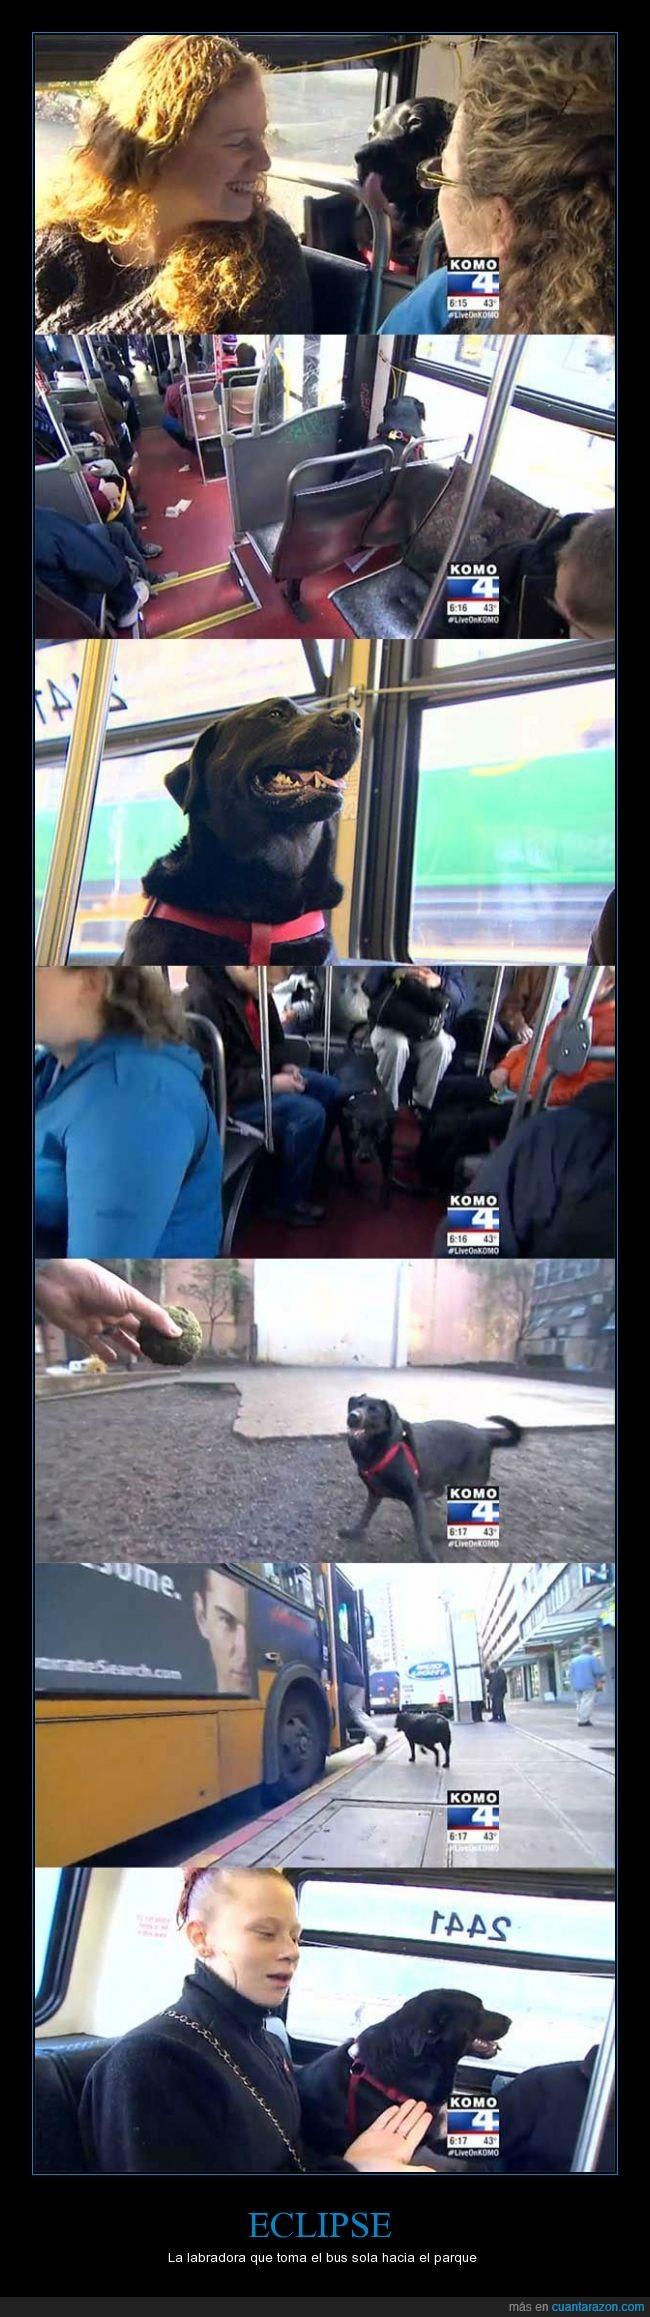 autobus,bus,Eclipse,jugar,labrador,negro,parque,perro